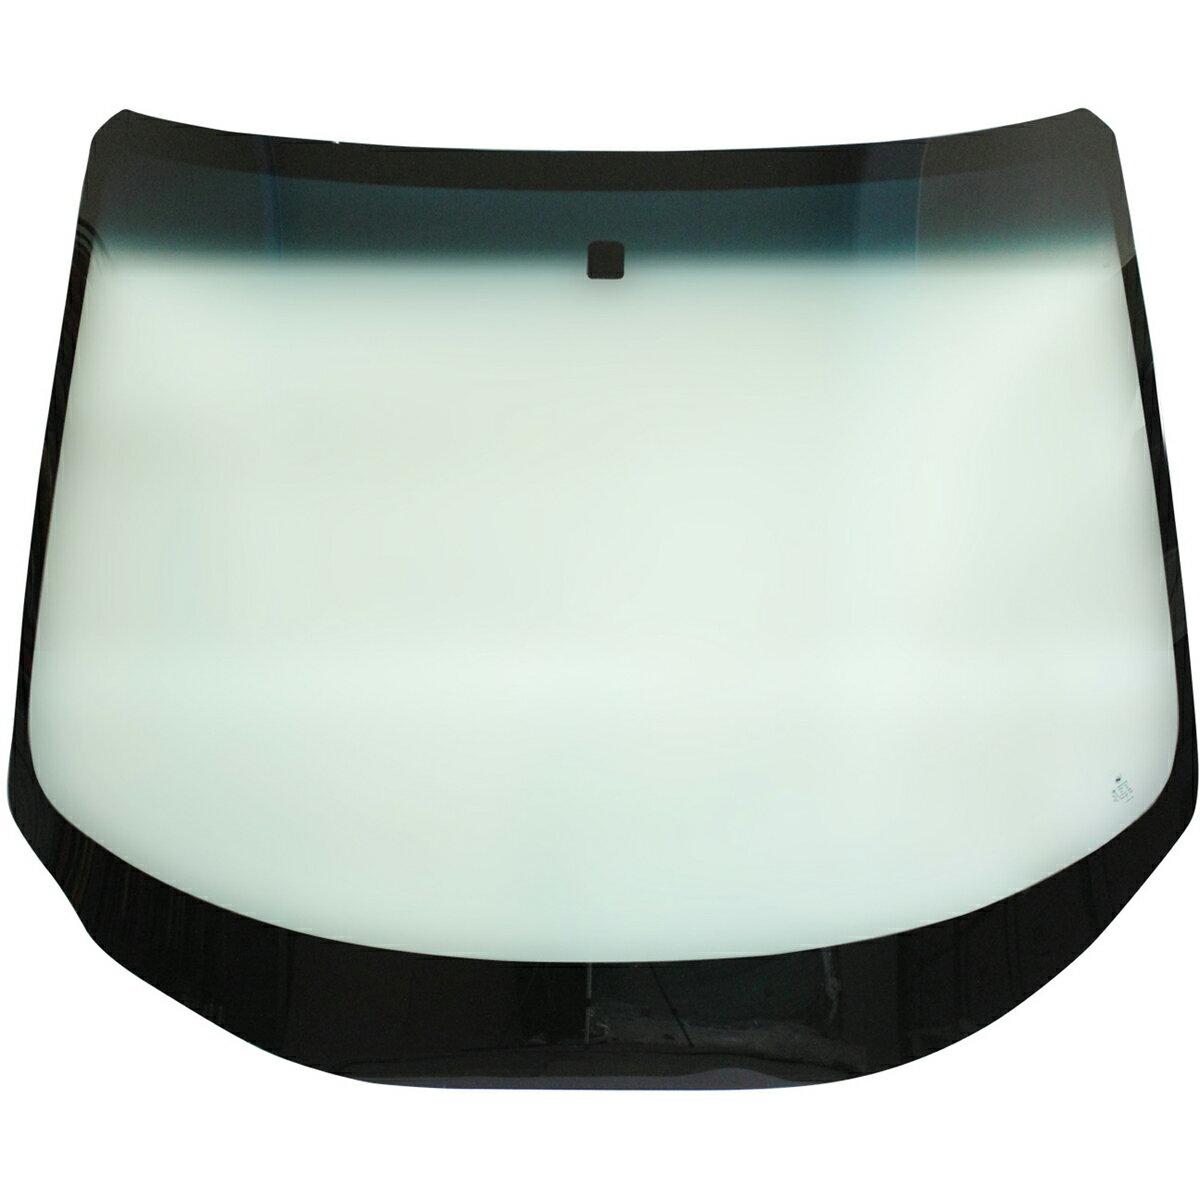 ホンダ エリシオン 5D WG用フロントガラス 車両型式:RR 年式:H.16.5-H.25.10 ガラス型式:SJK ガラス色:グリーン ボカシ:ブルー